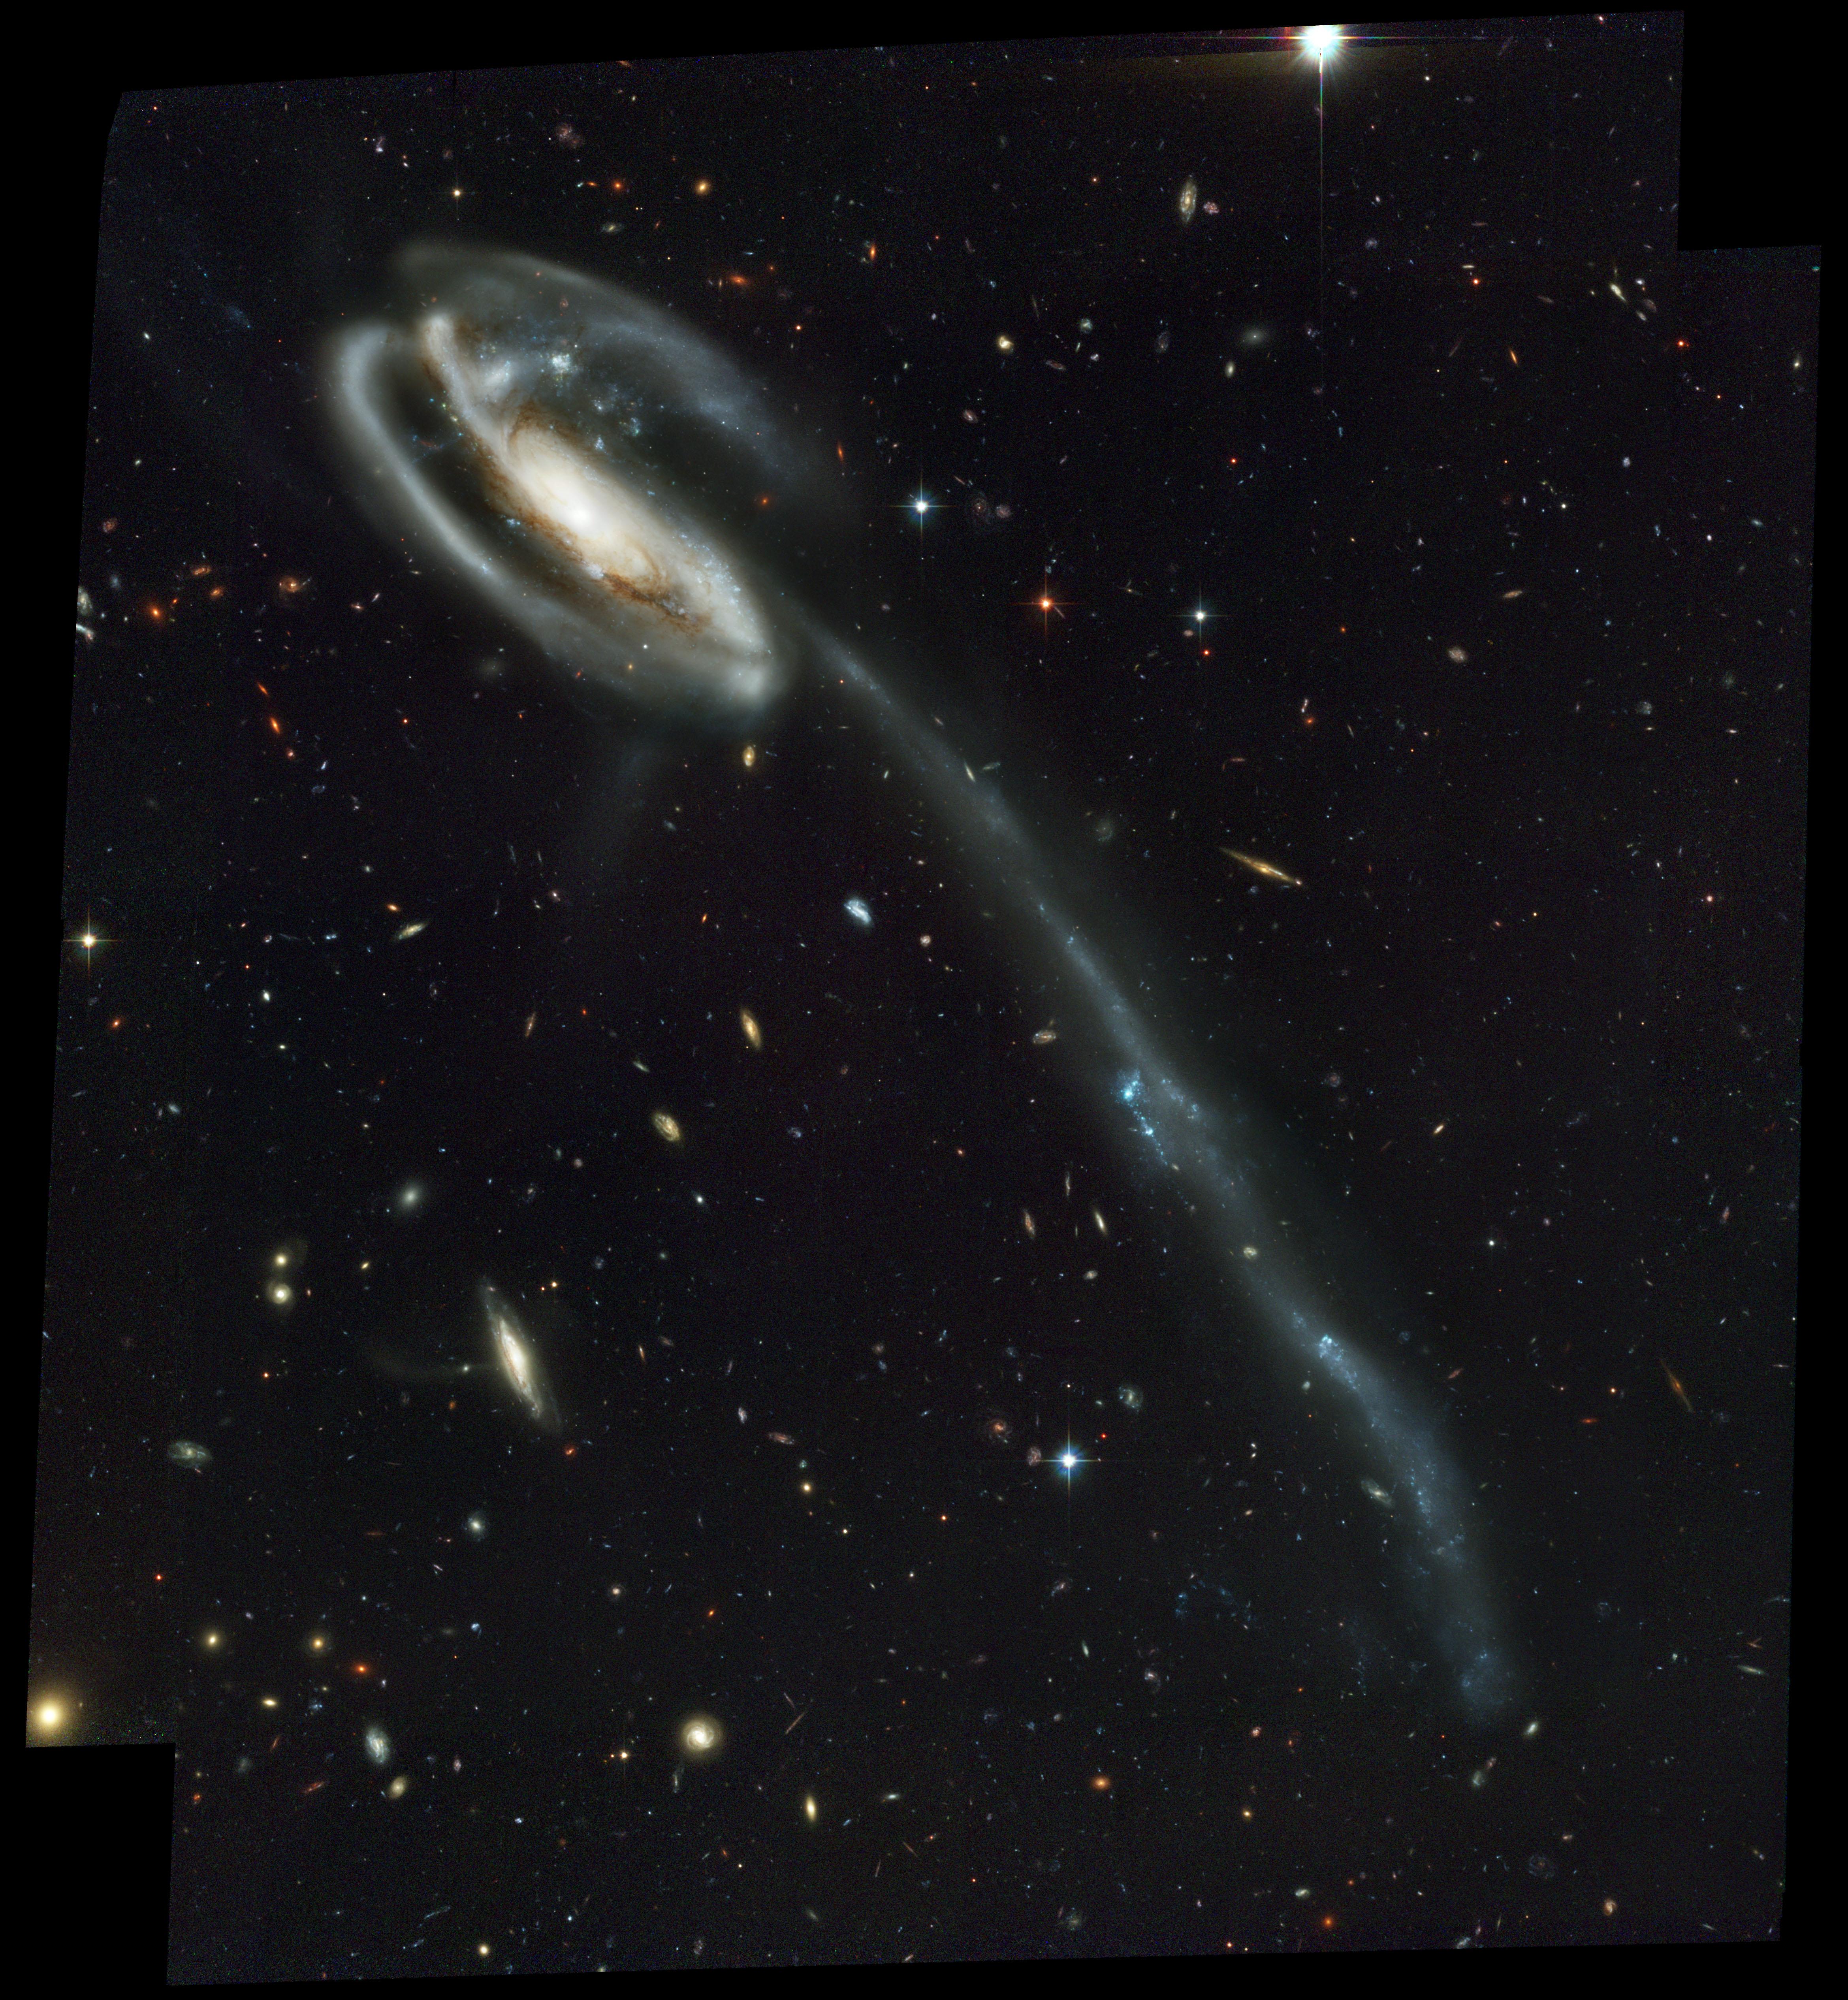 La galaxia Renacuajo.